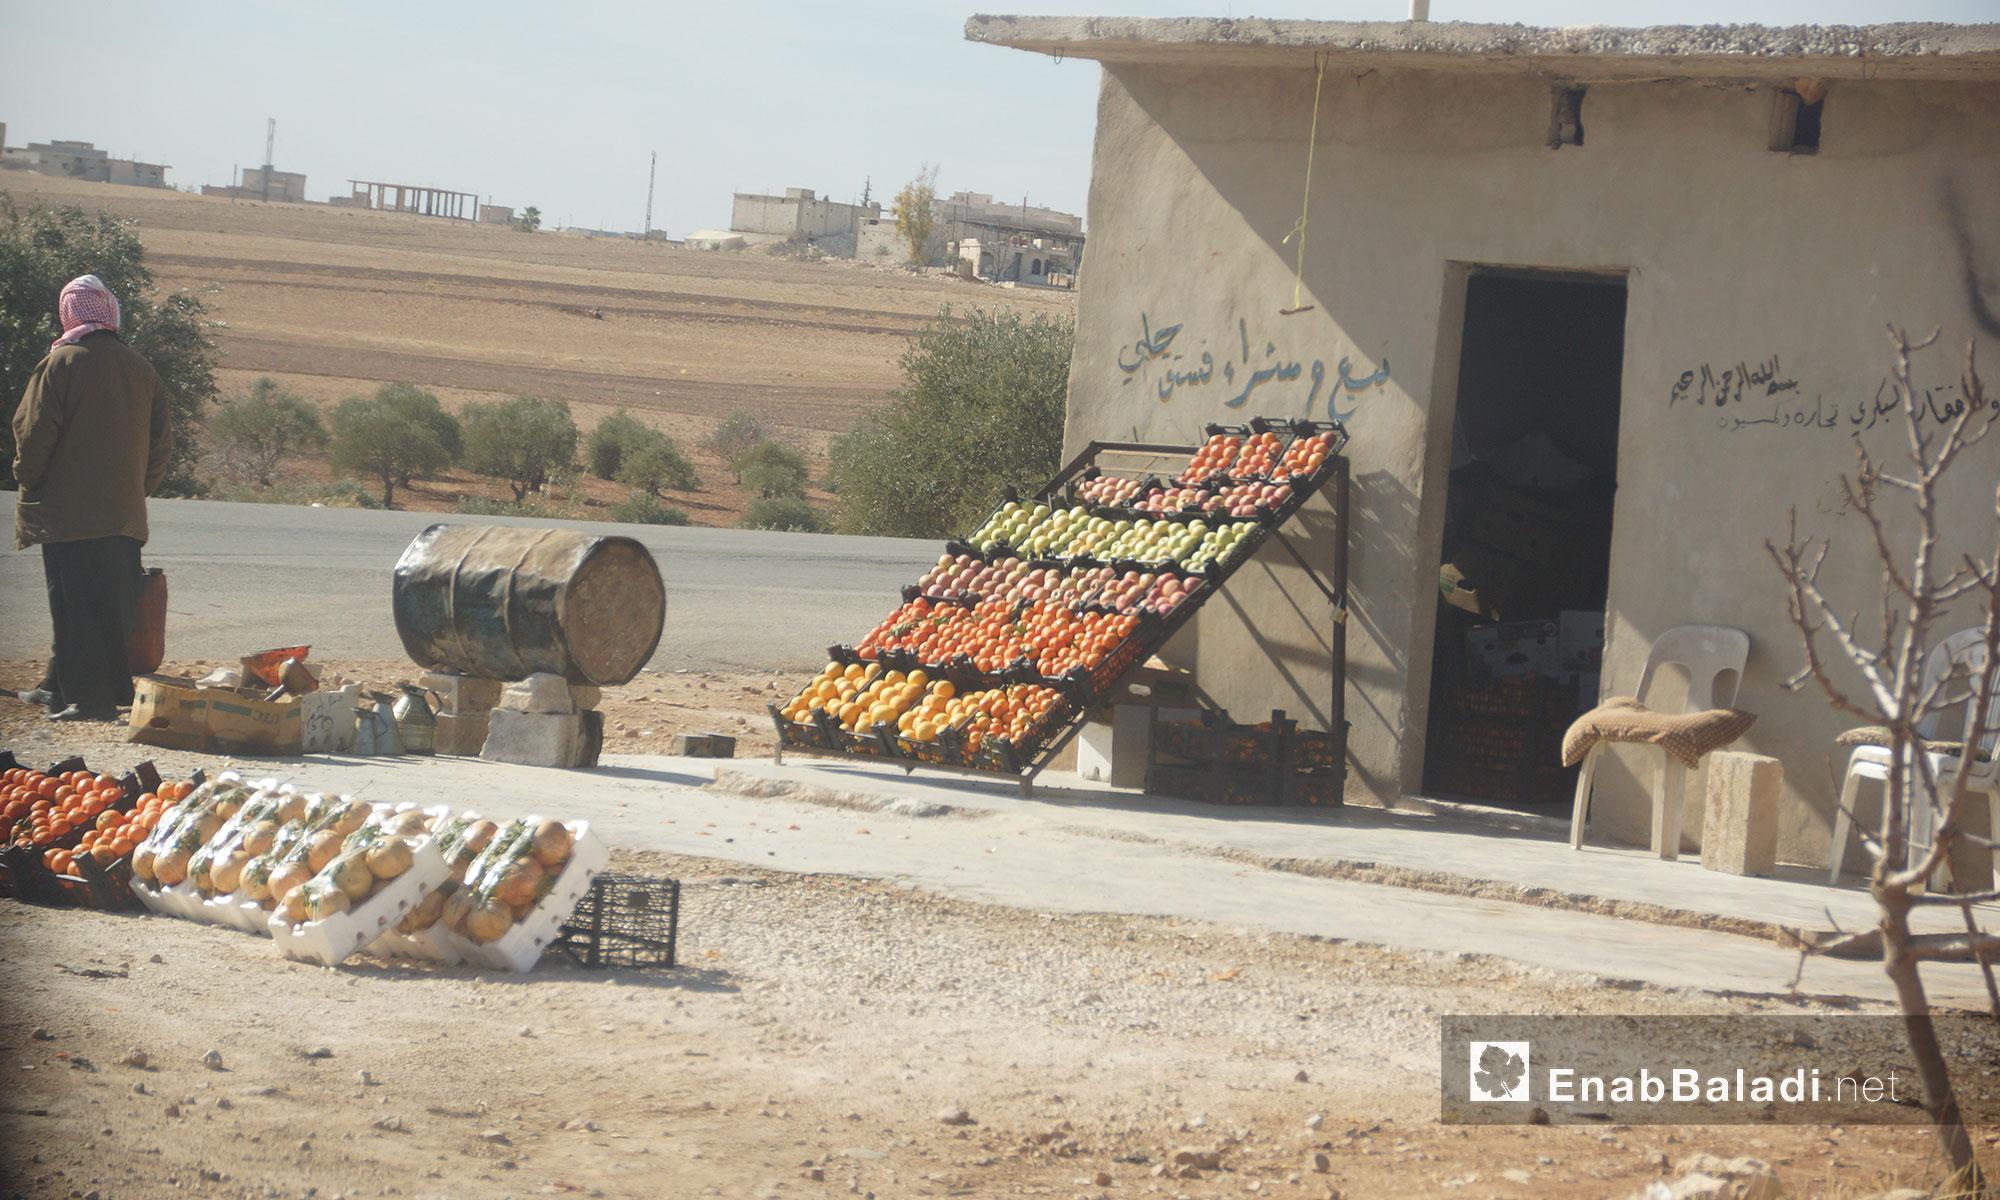 بائع فاكهة على طريق التمانعة ريف إدلب الجنوبي - 24 تشرين الثاني 2016 (عنب بلدي)